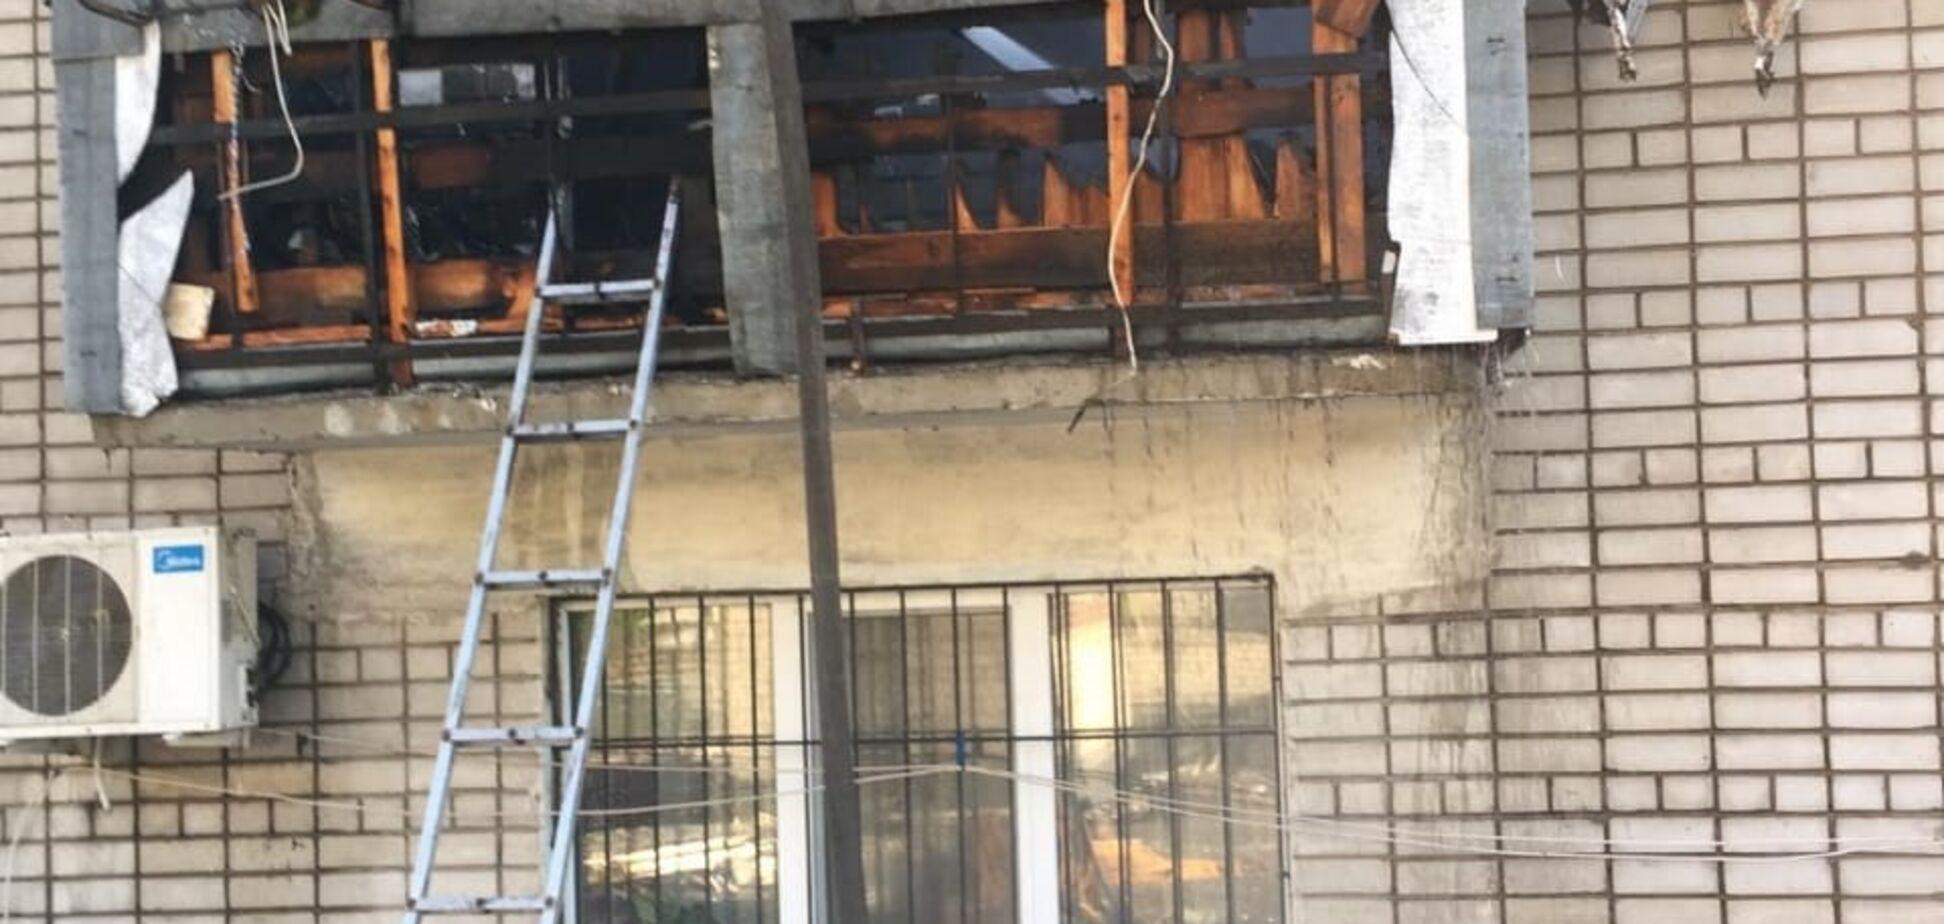 На Днепропетровщине произошел мощный взрыв в многоэтажке: есть пострадавшие. Фото, видео